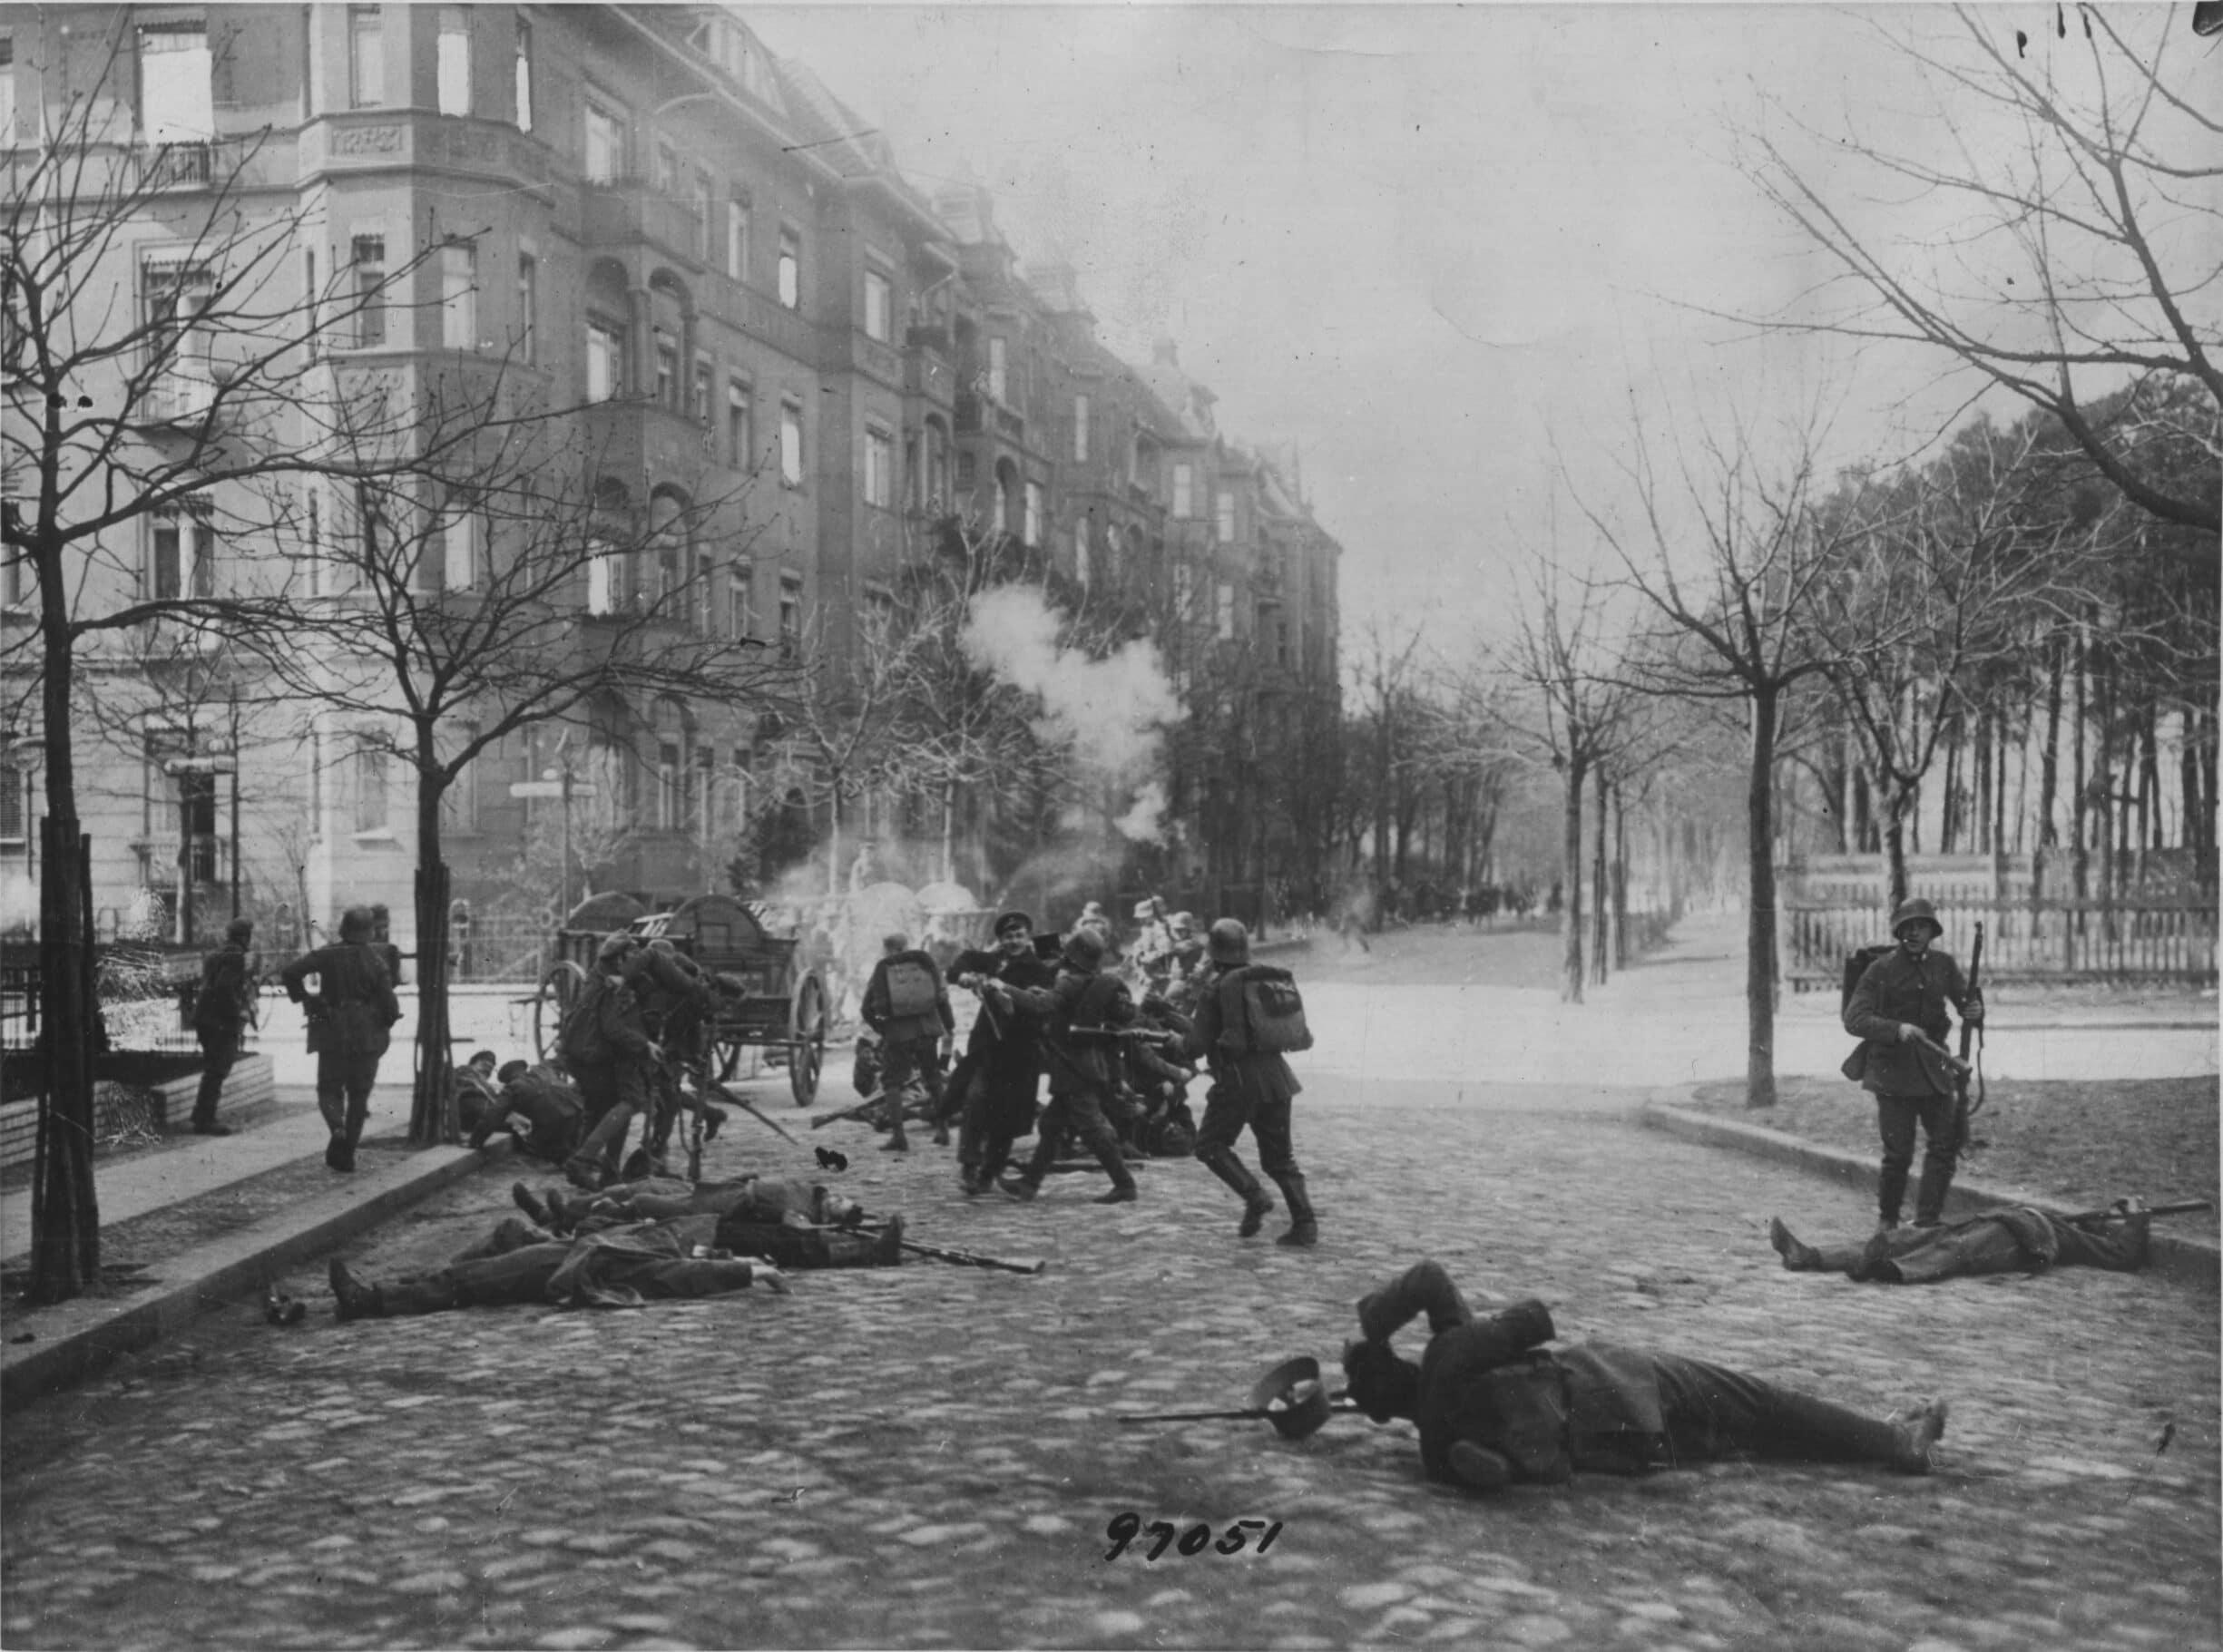 Gadekampe mellem regeringstropper og revolutionære militser i Berlin i september 1919.. Photo af Keystone/Getty Images. Public Domain.